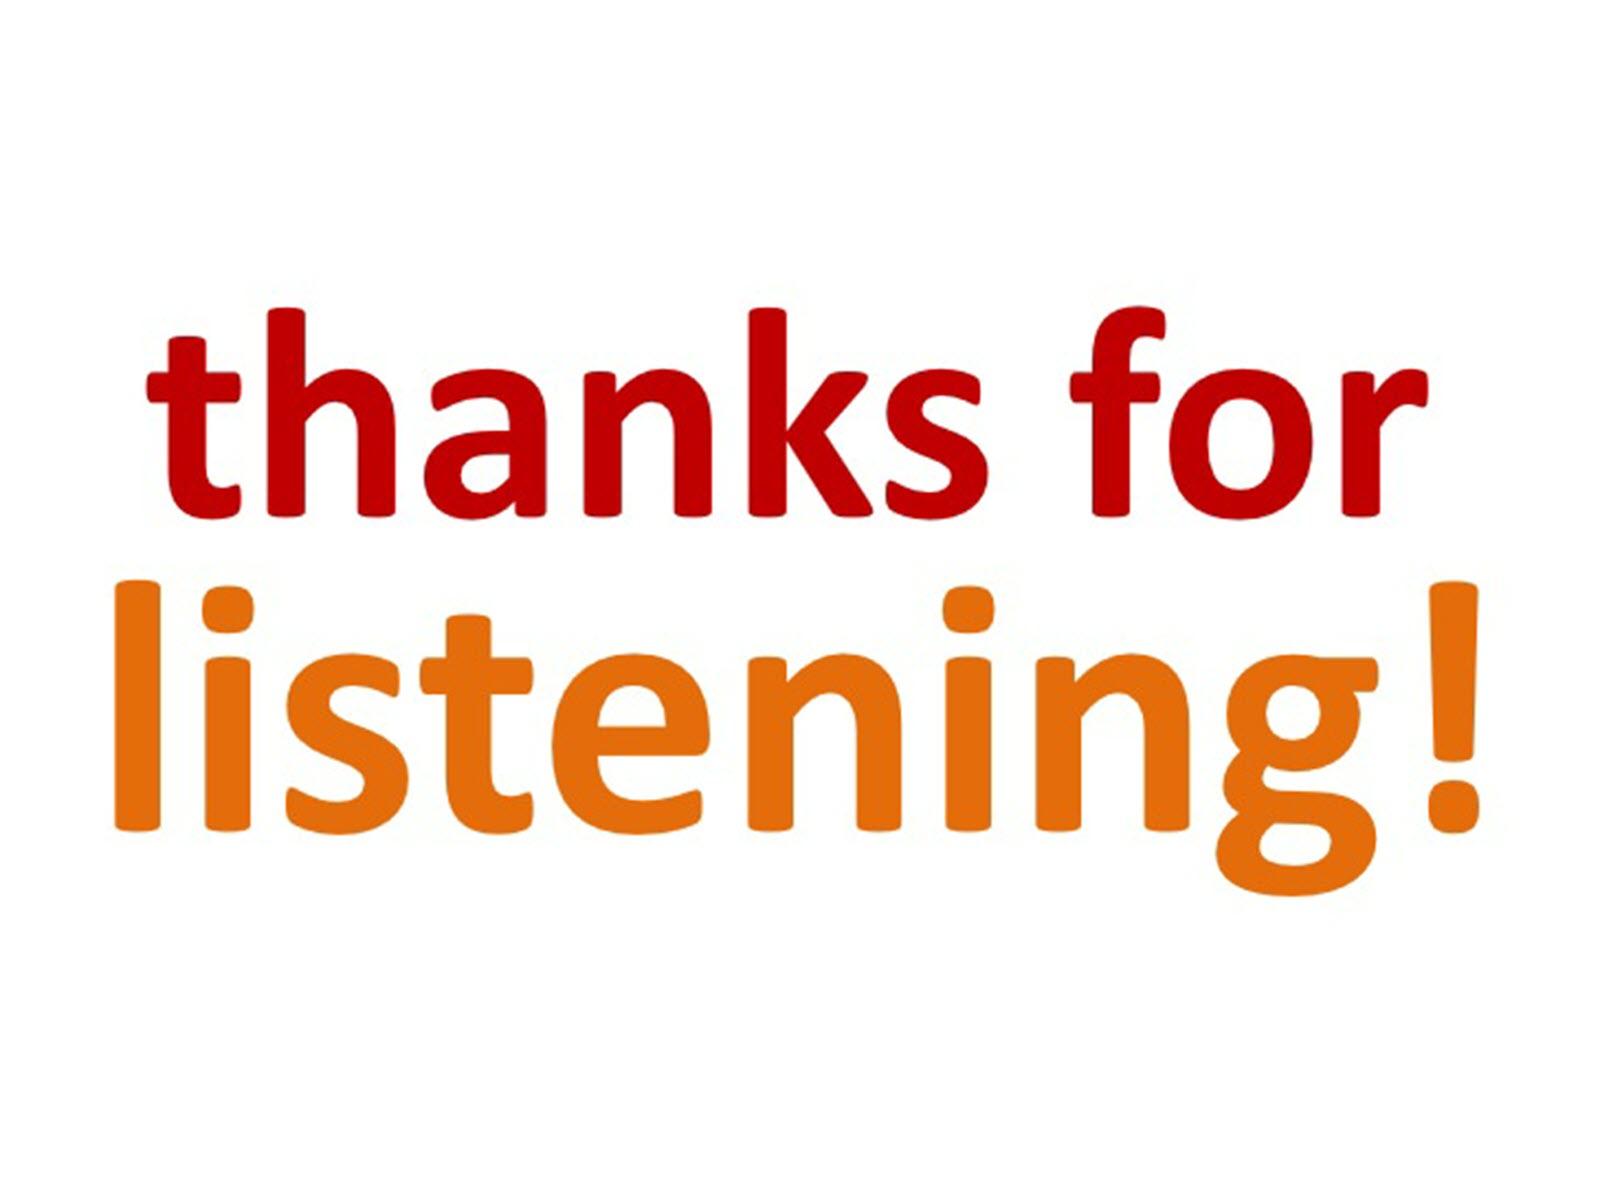 ThuThuatTinHoc - Slide cảm ơn đẹp (53)